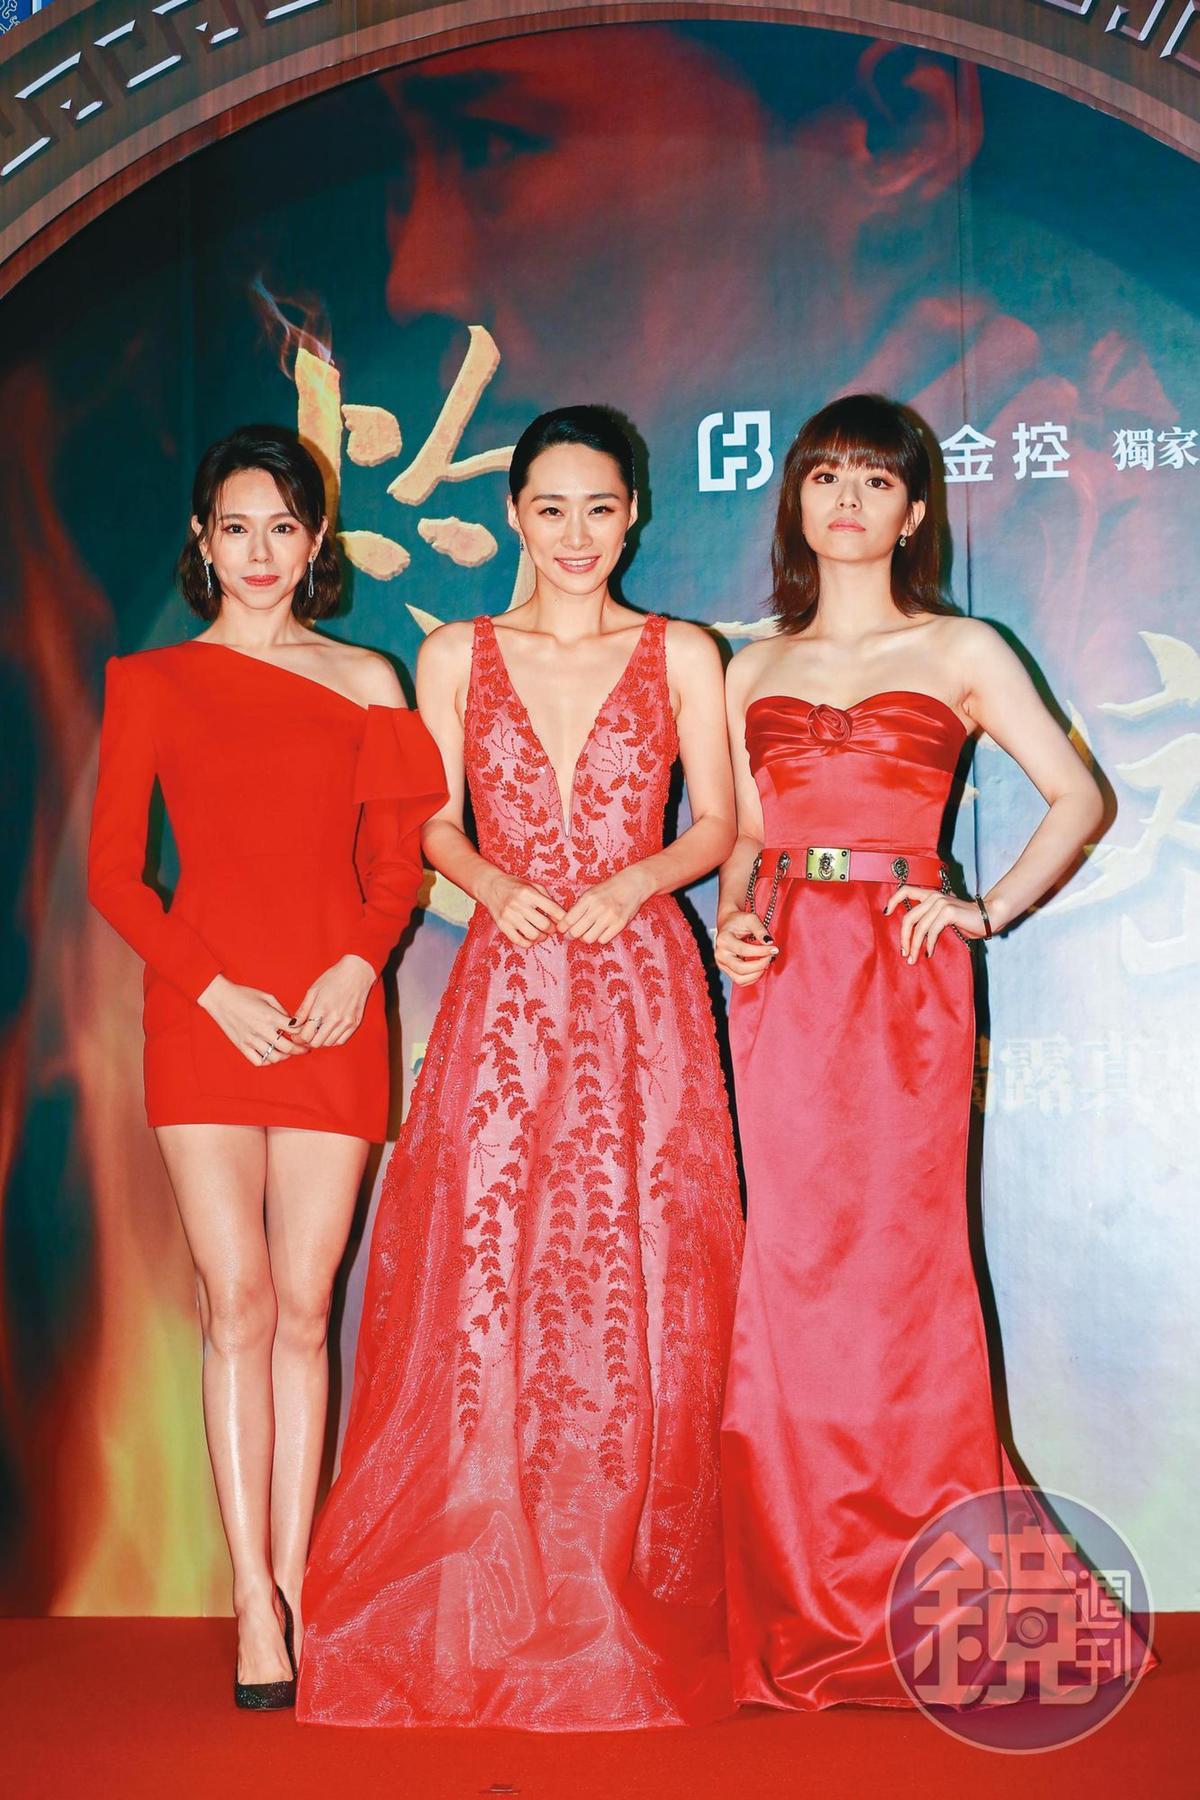 吳可熙(中)編劇的《灼人秘密》找來被說有姐妹臉的夏于喬(左)與宋芸樺(右)同台演出,製造不少話題。